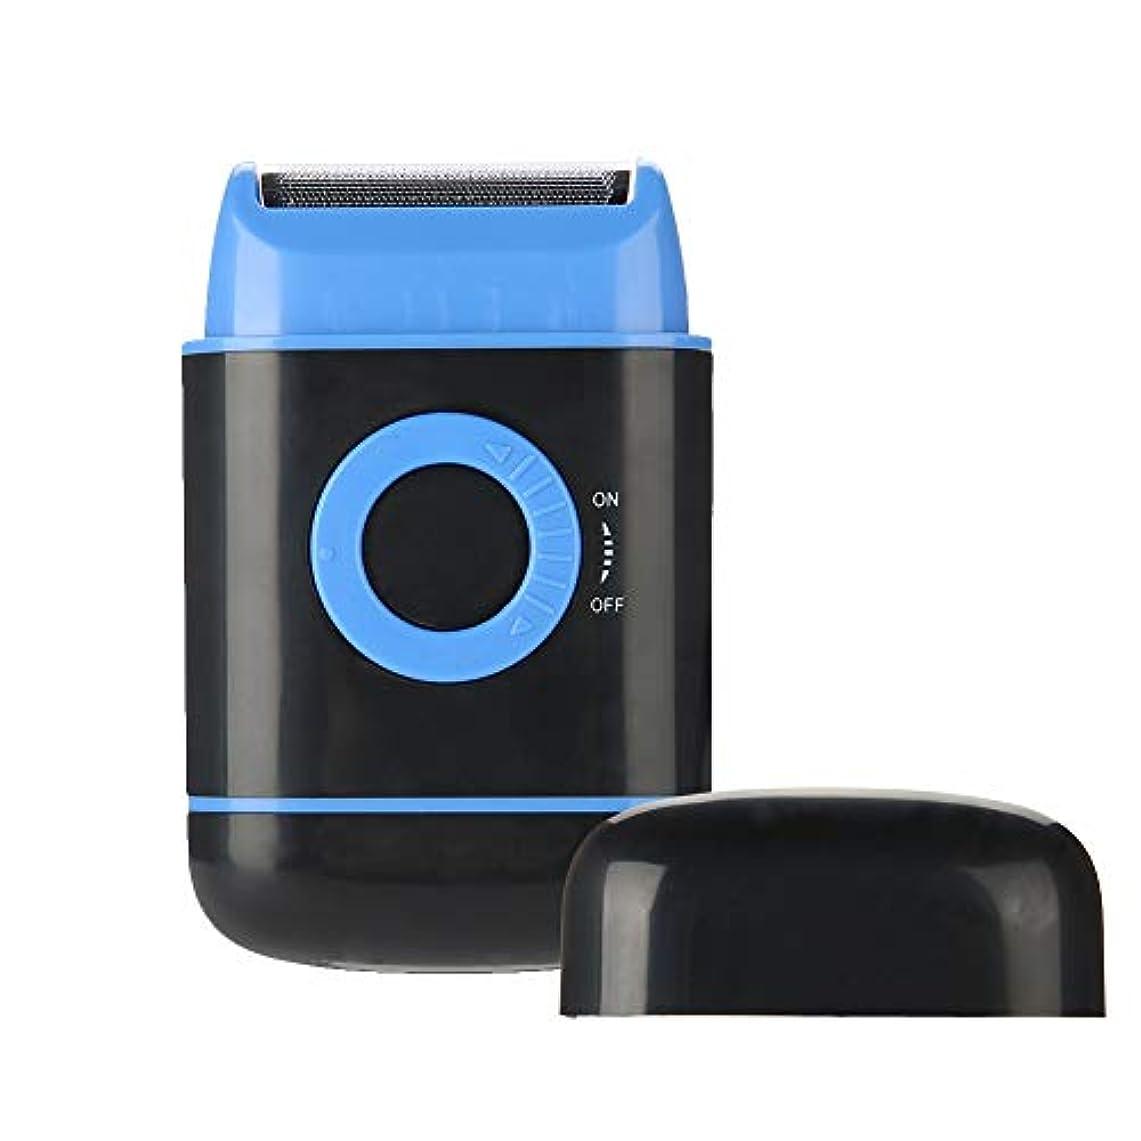 ギャラリールーチン強化電気シェーバー 剃刀 男性 超薄型箔ポップアップひげトリマー単3電池のパワーシェービングカミソリ (ブルー)